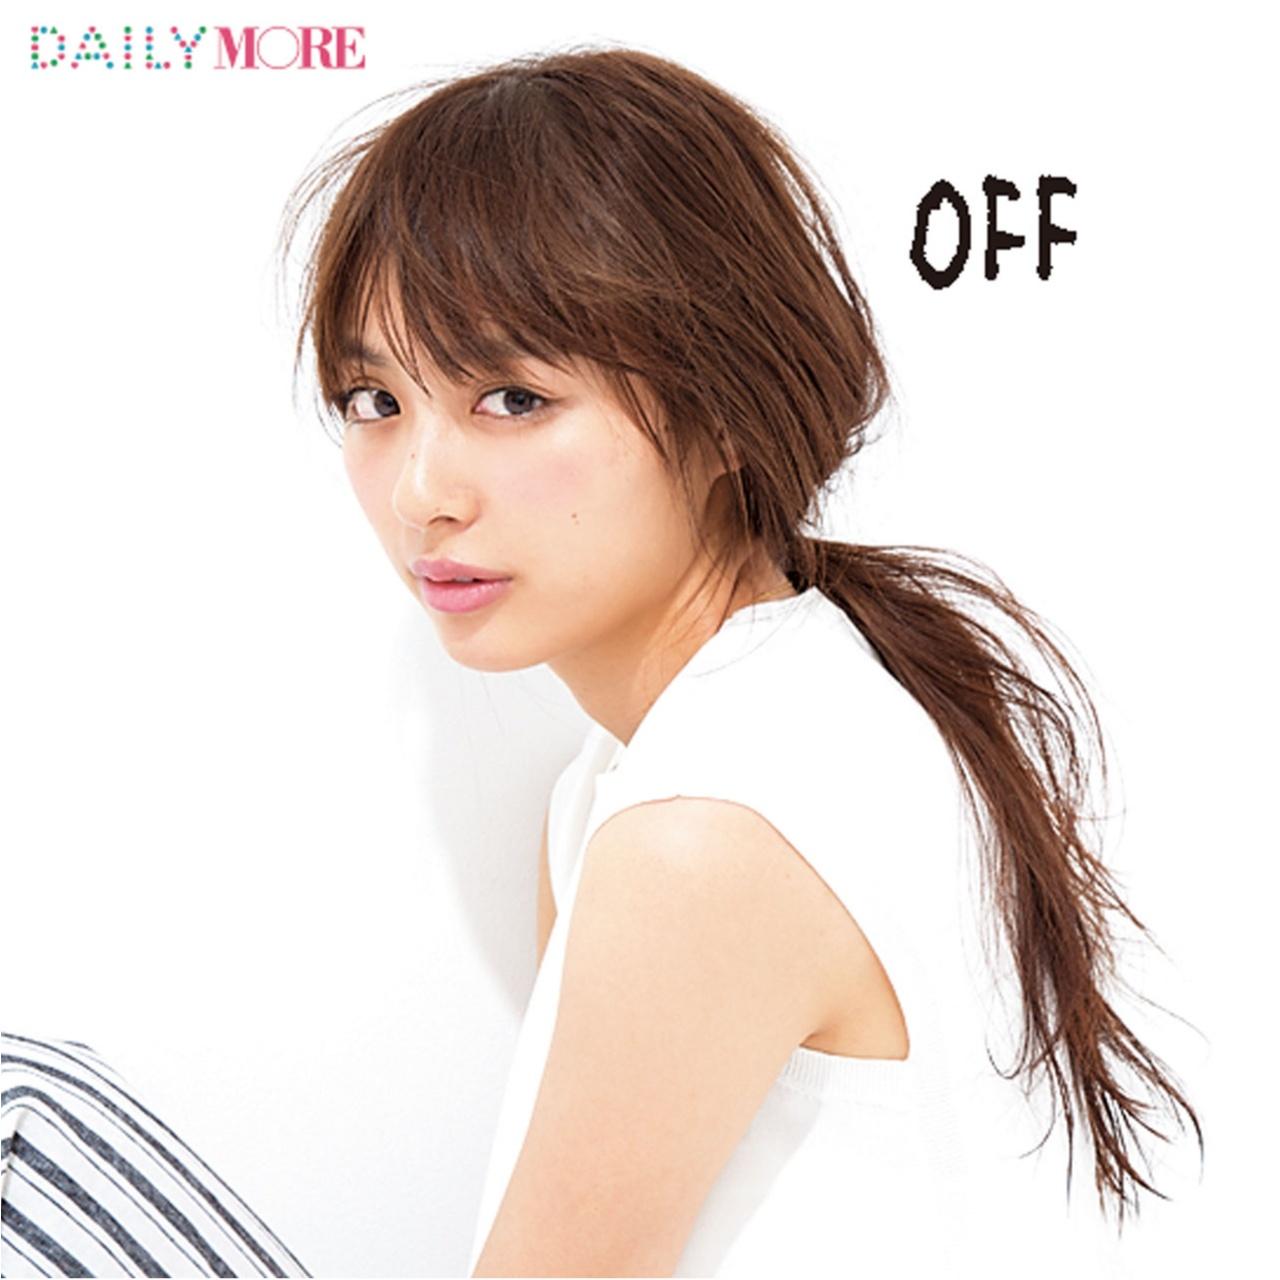 ラフさが断然かわいい! 「カンカン帽をかぶる日」の1分間夏ヘアアレンジ♡_2